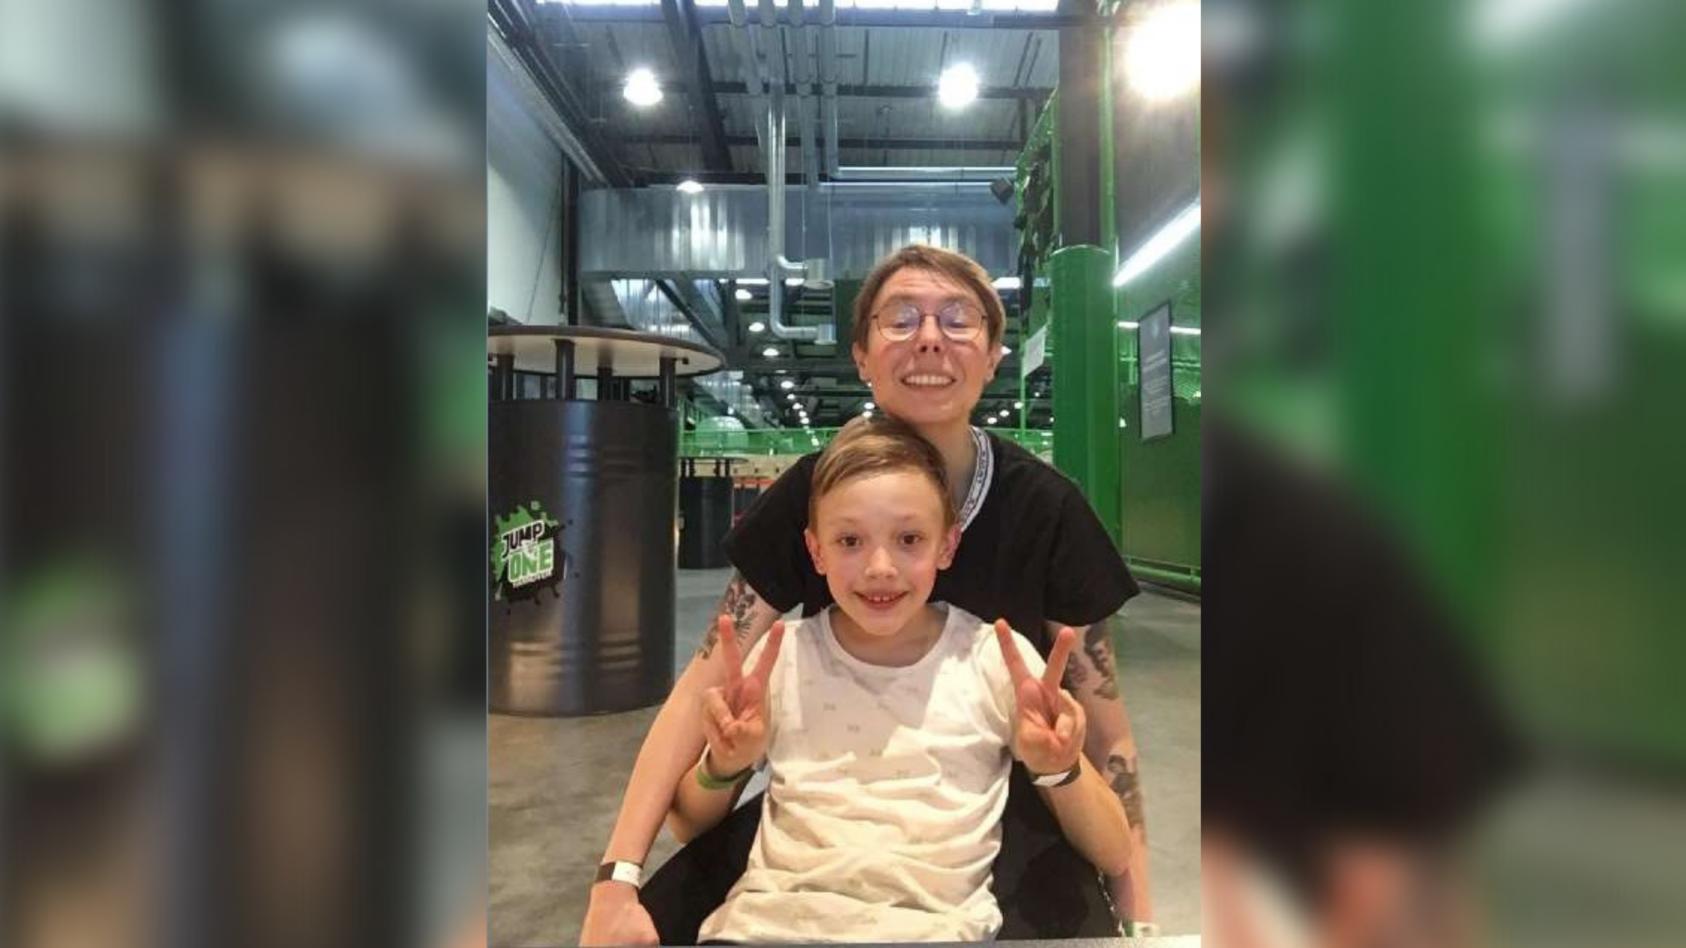 Die Polizei Hannover sucht mit diesem Foto nach Franziska T. und ihrem Sohn Antonio G.